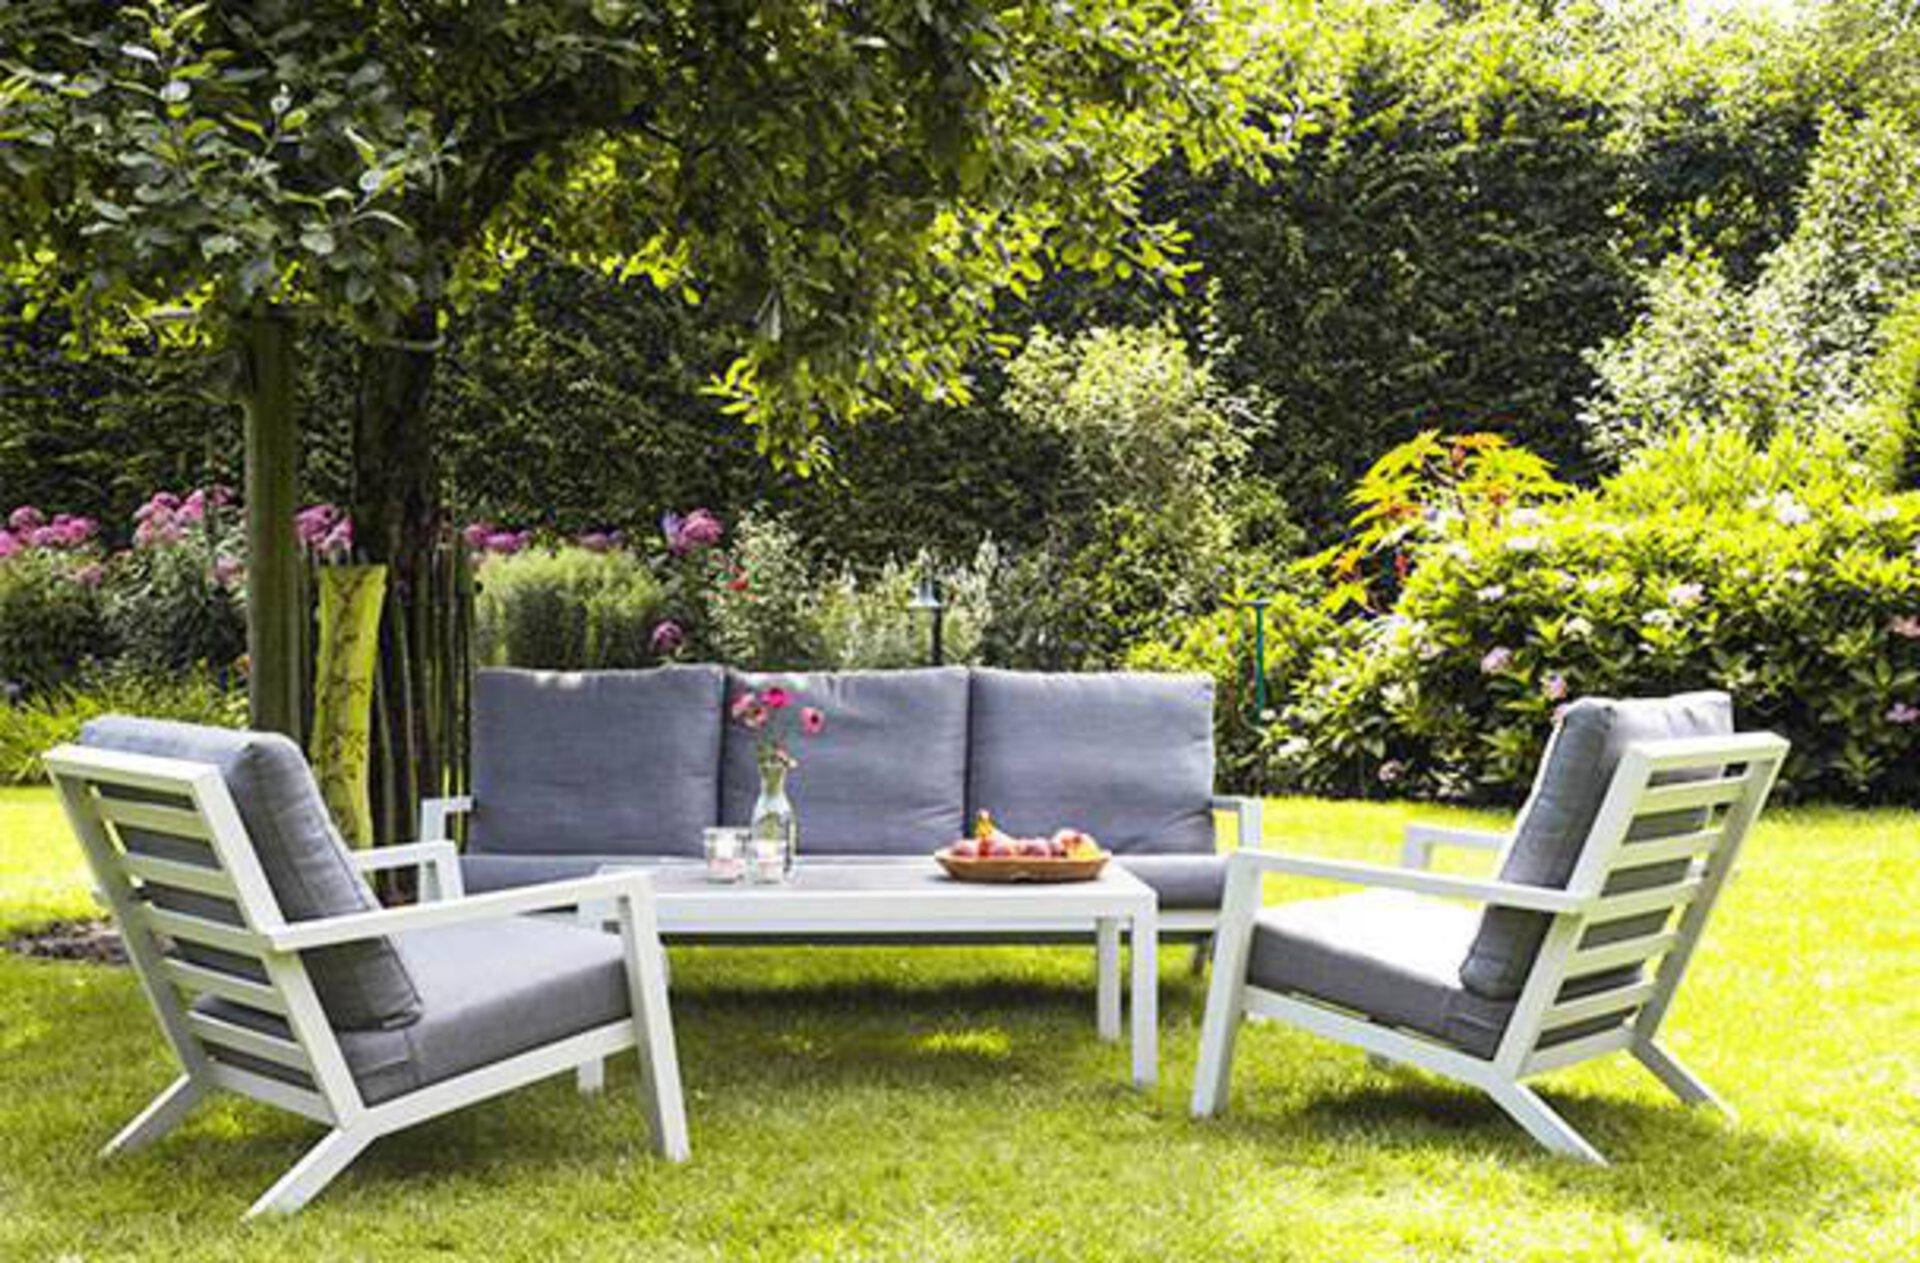 Helle und stabile Gartenmöbel für einen entspannten Feierabend im Freien.